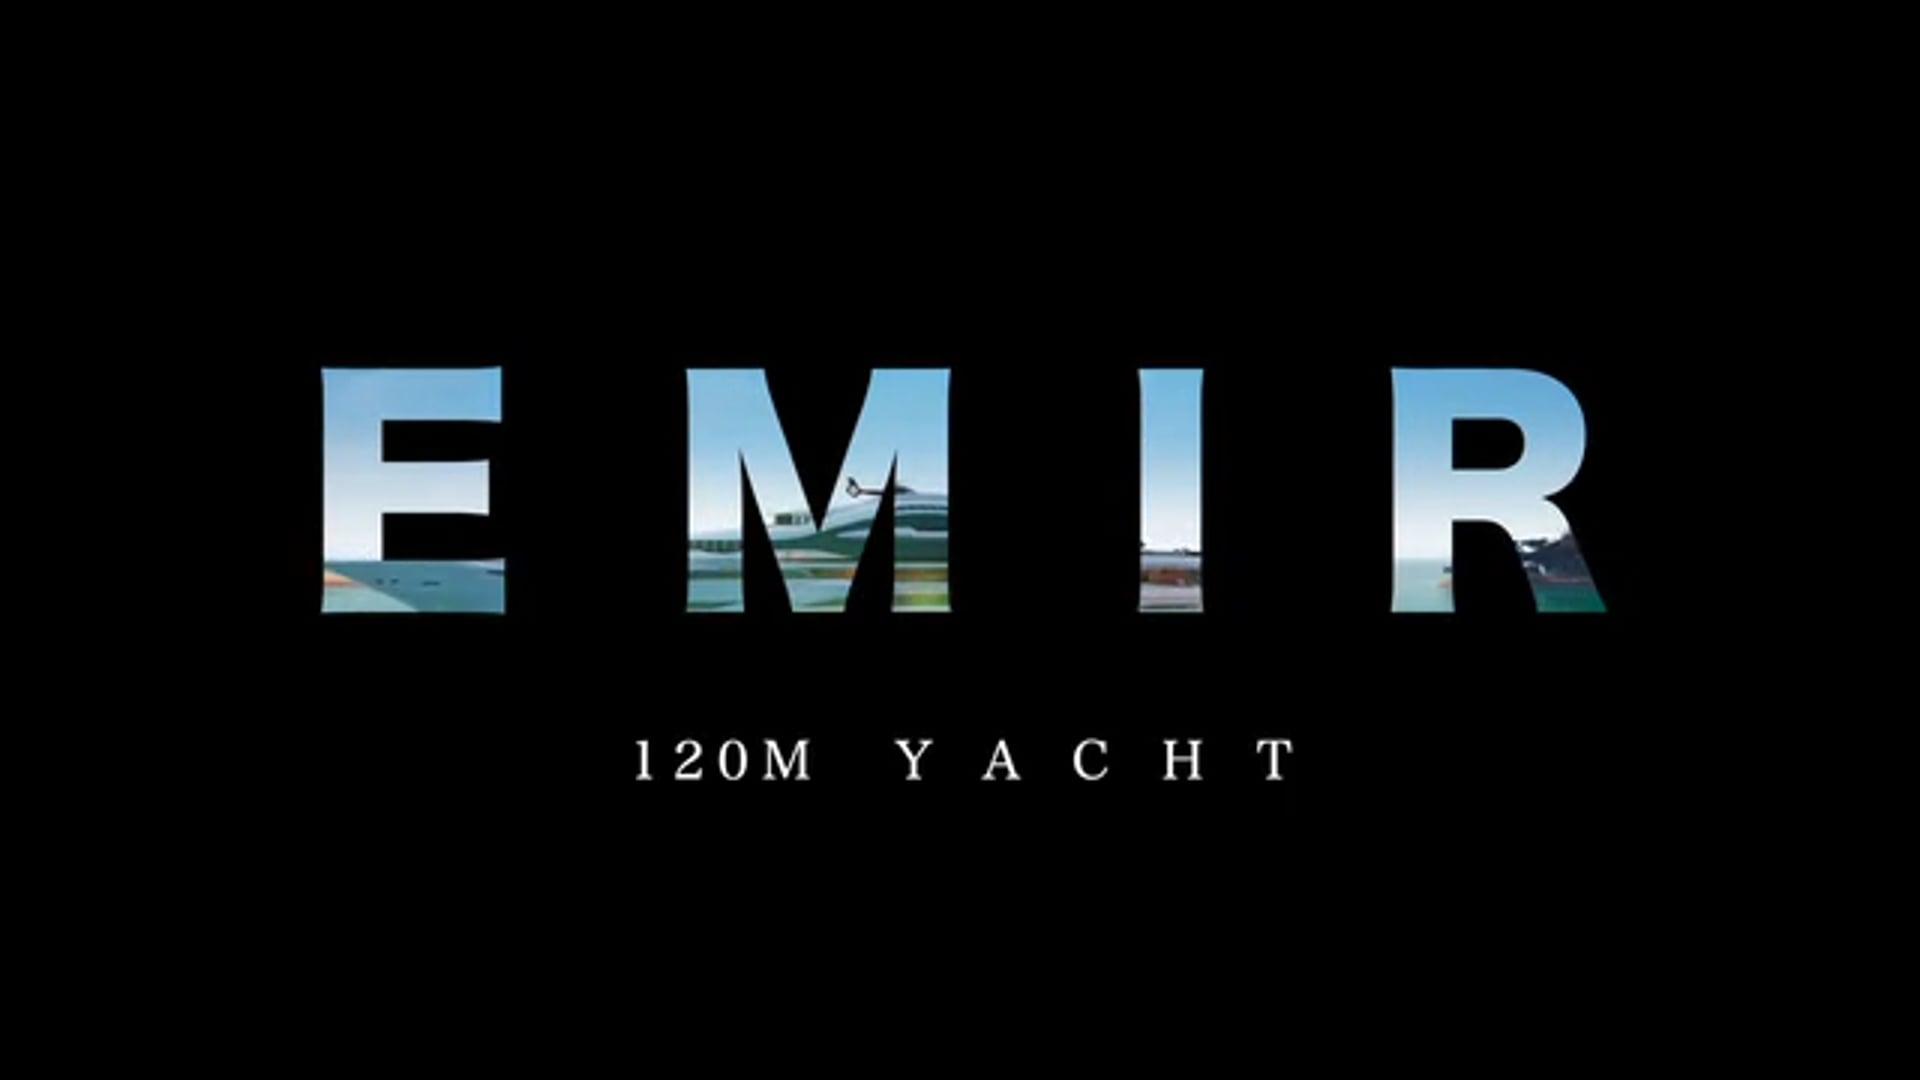 Superyacht Emir